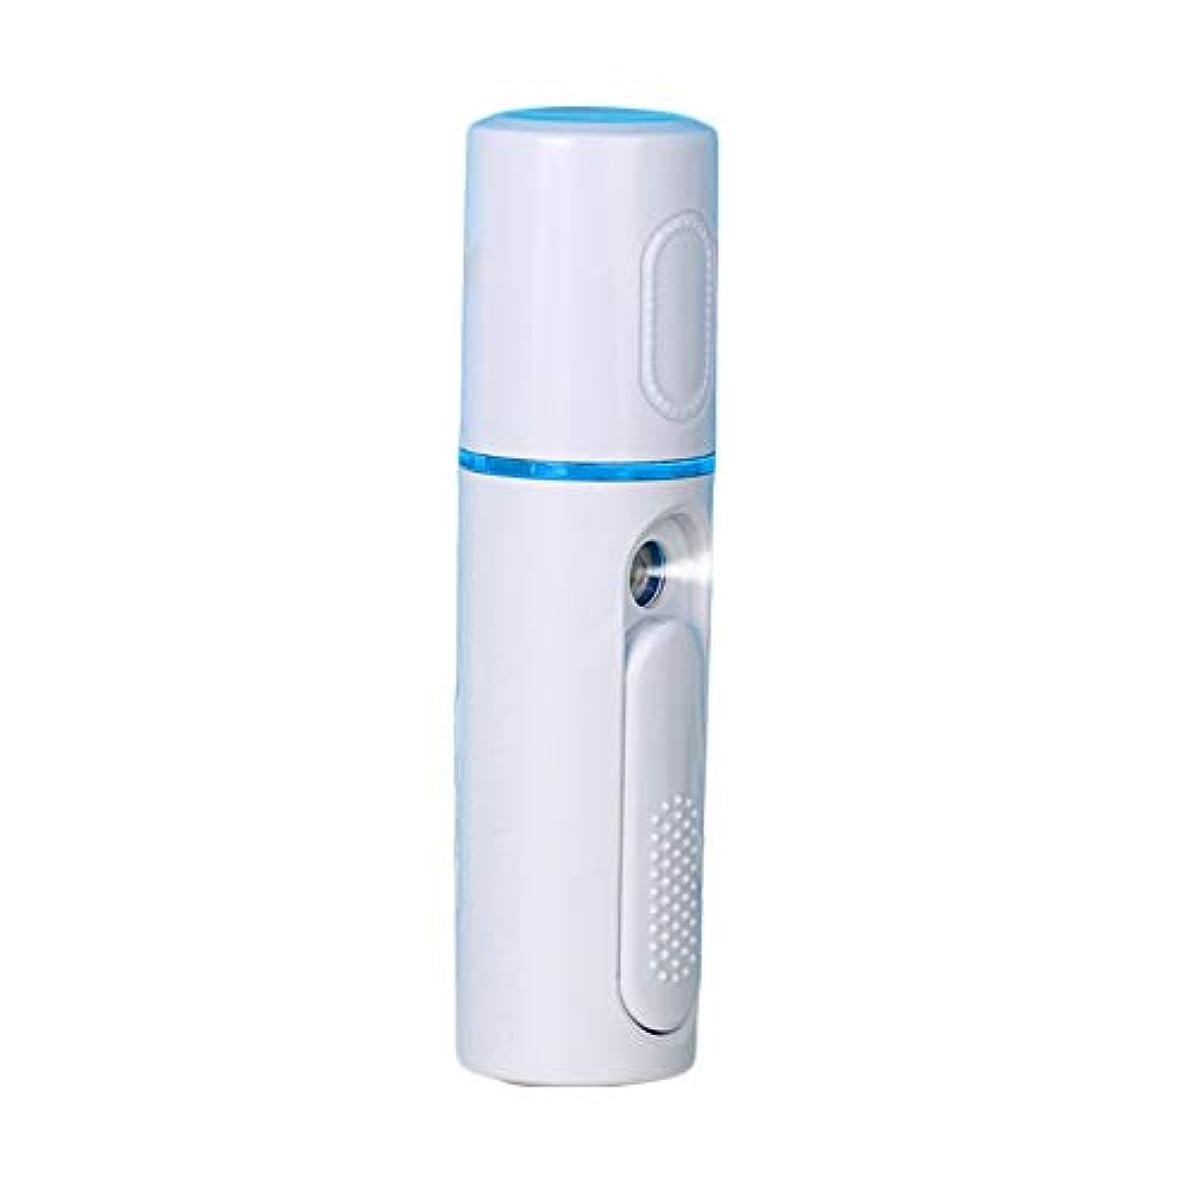 病的ヘッドレス奨励美顔器 噴霧式 ミニ携帯 ハンディ 美顔スプレー保湿 美白顔用加湿器 フェイススチーマー 補水美容器 小型 ナノミスト USB